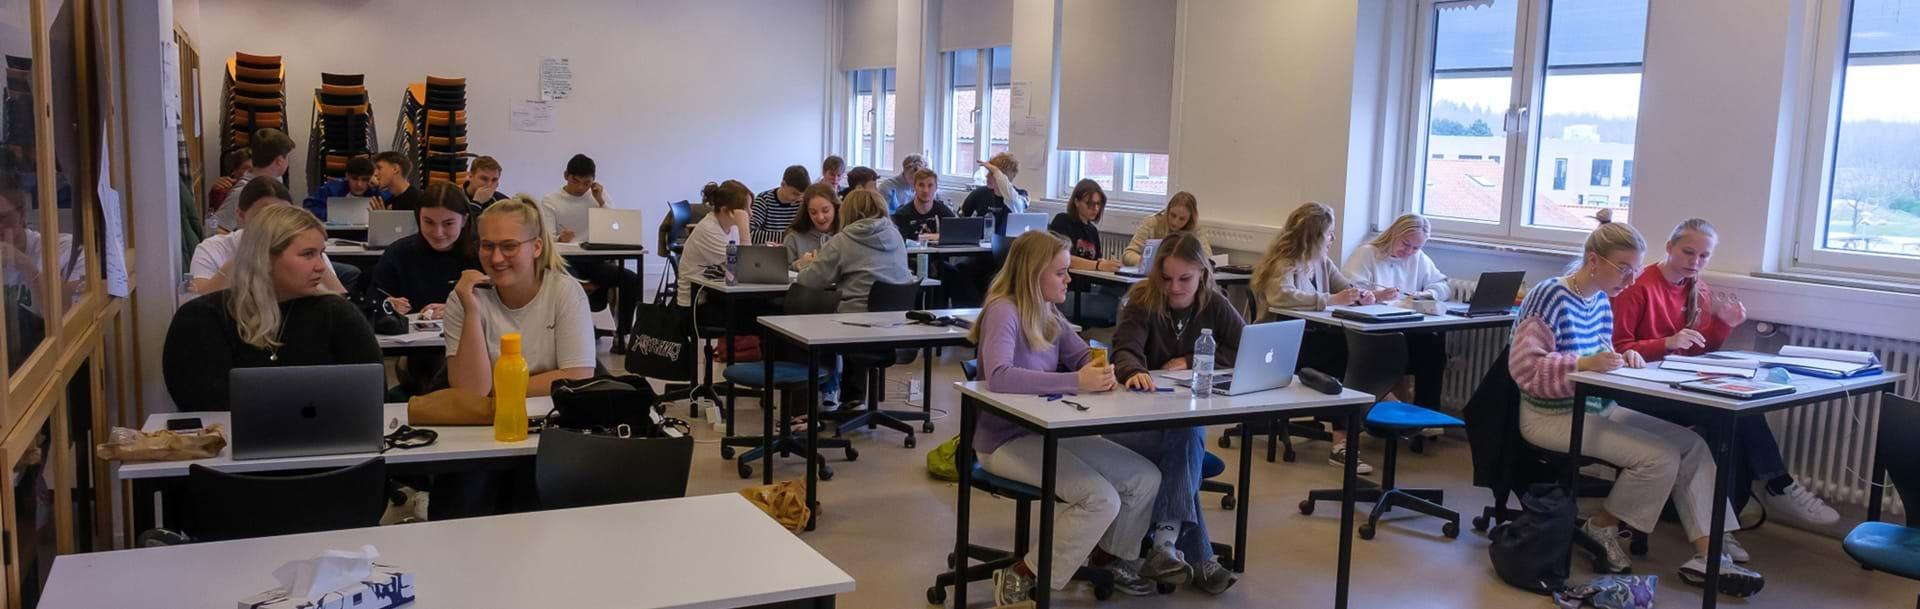 En hel klasse sidder i klasselokalet og alle laver gruppearbejde